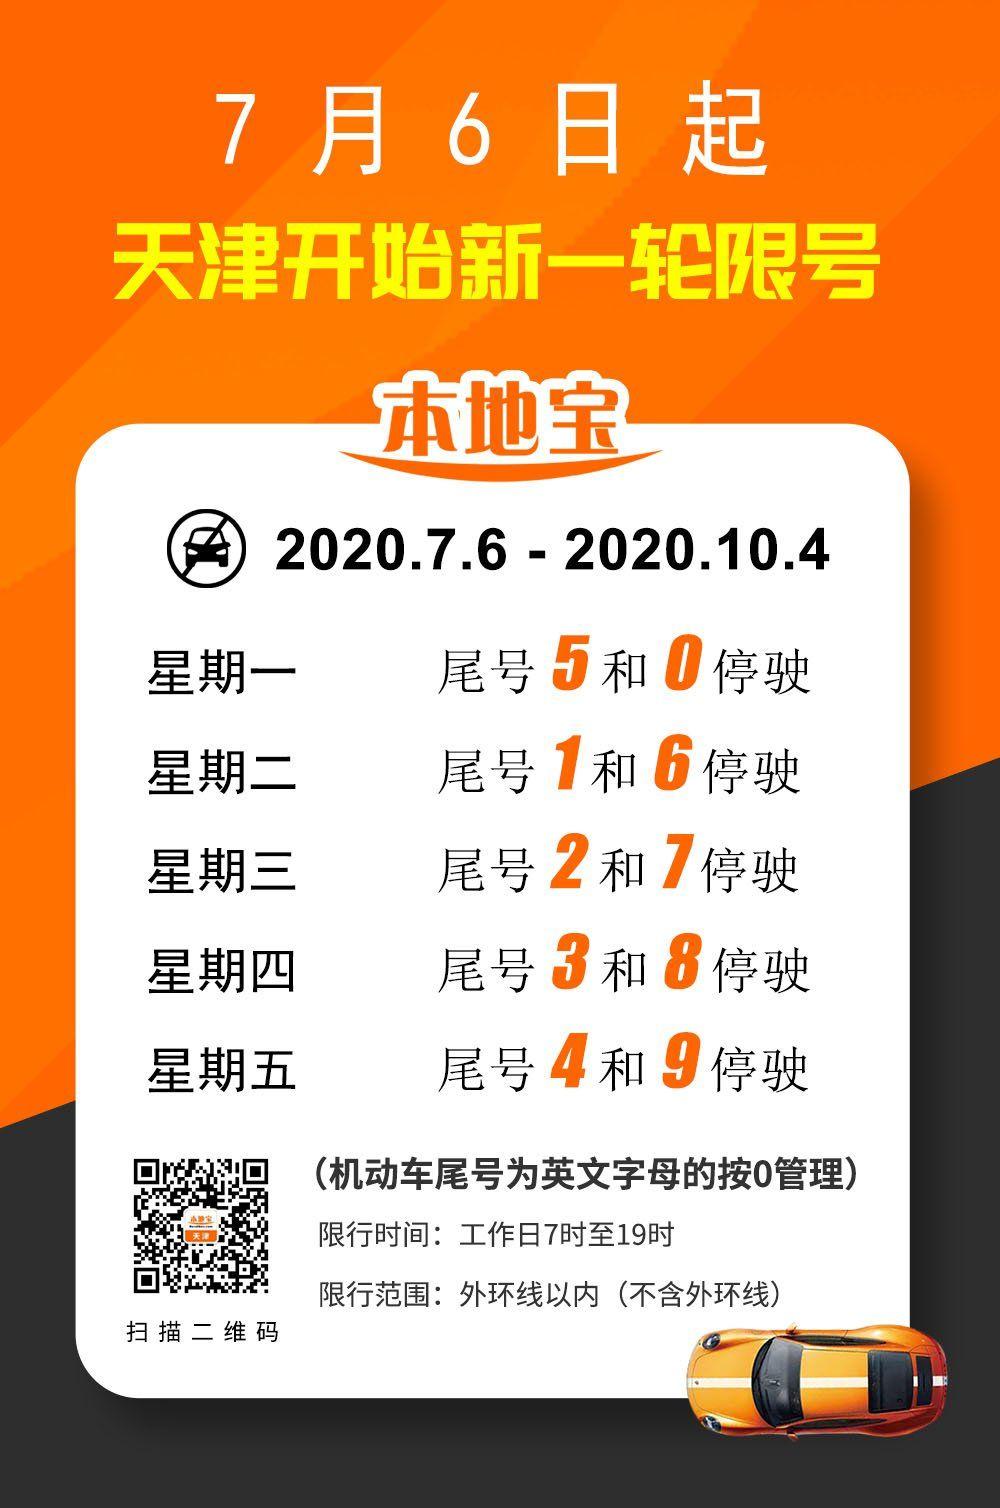 天津限号最新消息2020:天津限行尾号查询+限行时间表